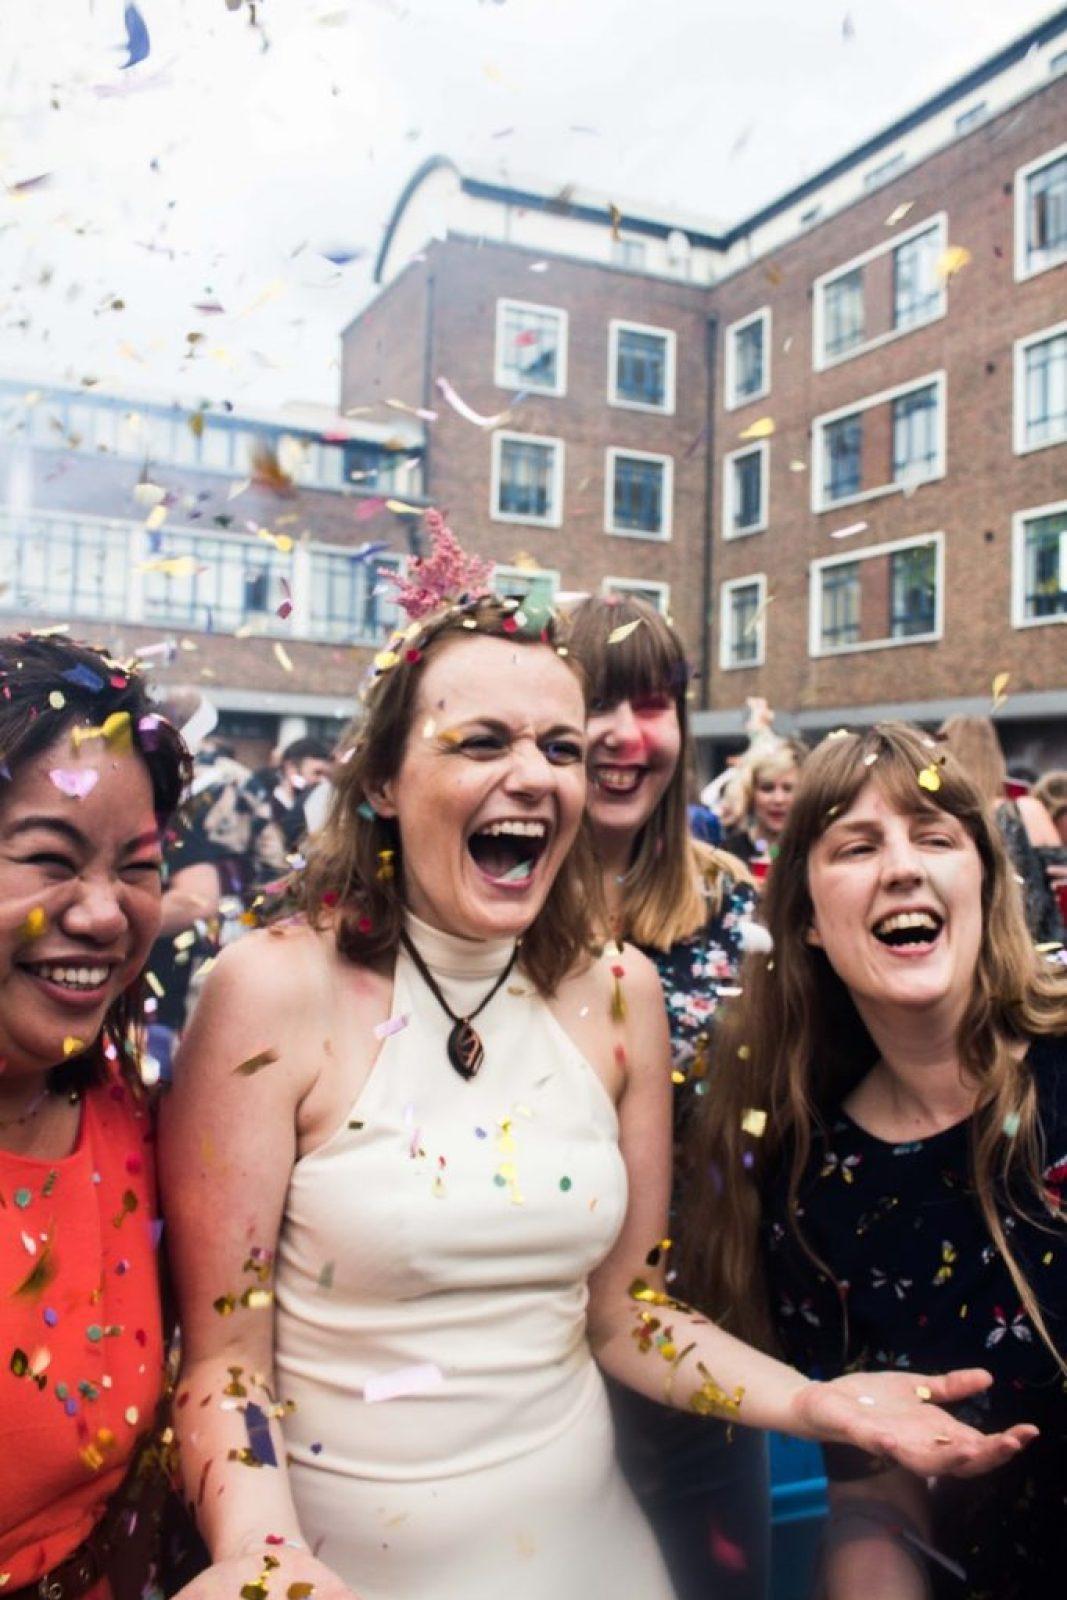 Formidable Joy   Formidable Joy Blog   London   London Event   Lifestyle   Bompas & Parr   Temple Of The Tongue